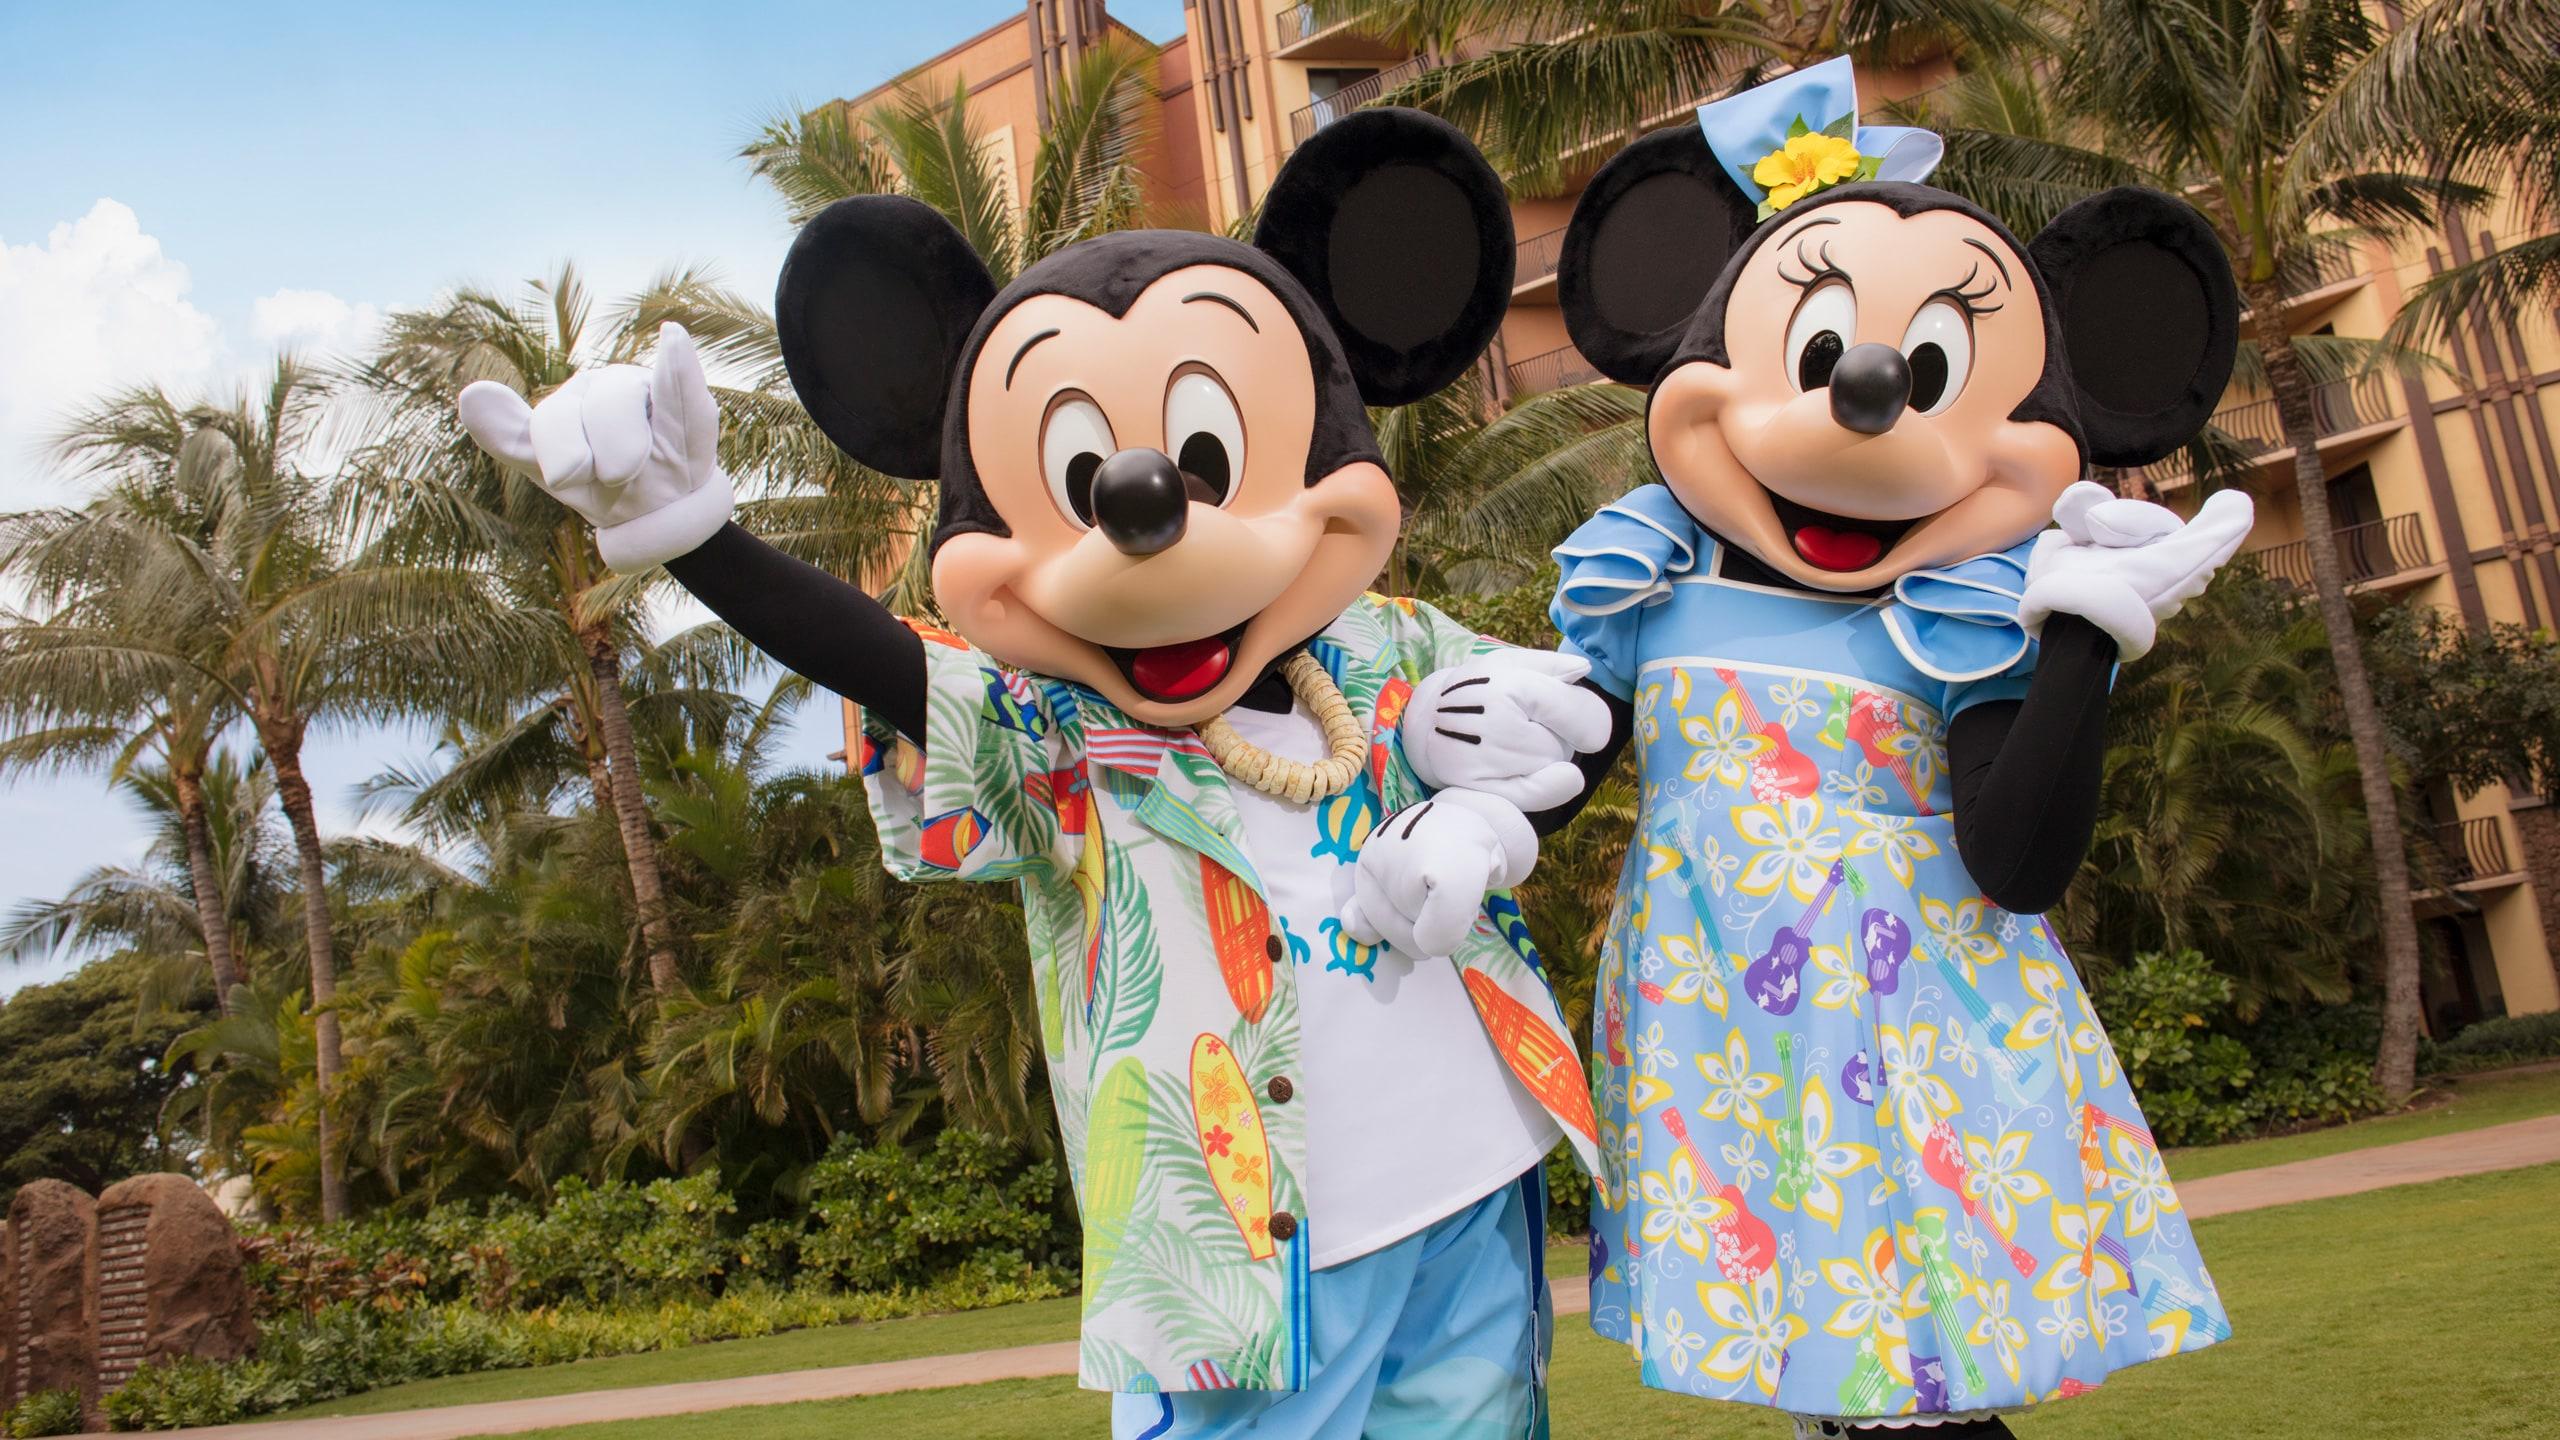 アウラニ・リゾートの建物正面に立つ、ハワイアン・スタイルの服装に身を包んだミッキーマウスとミニーマウス